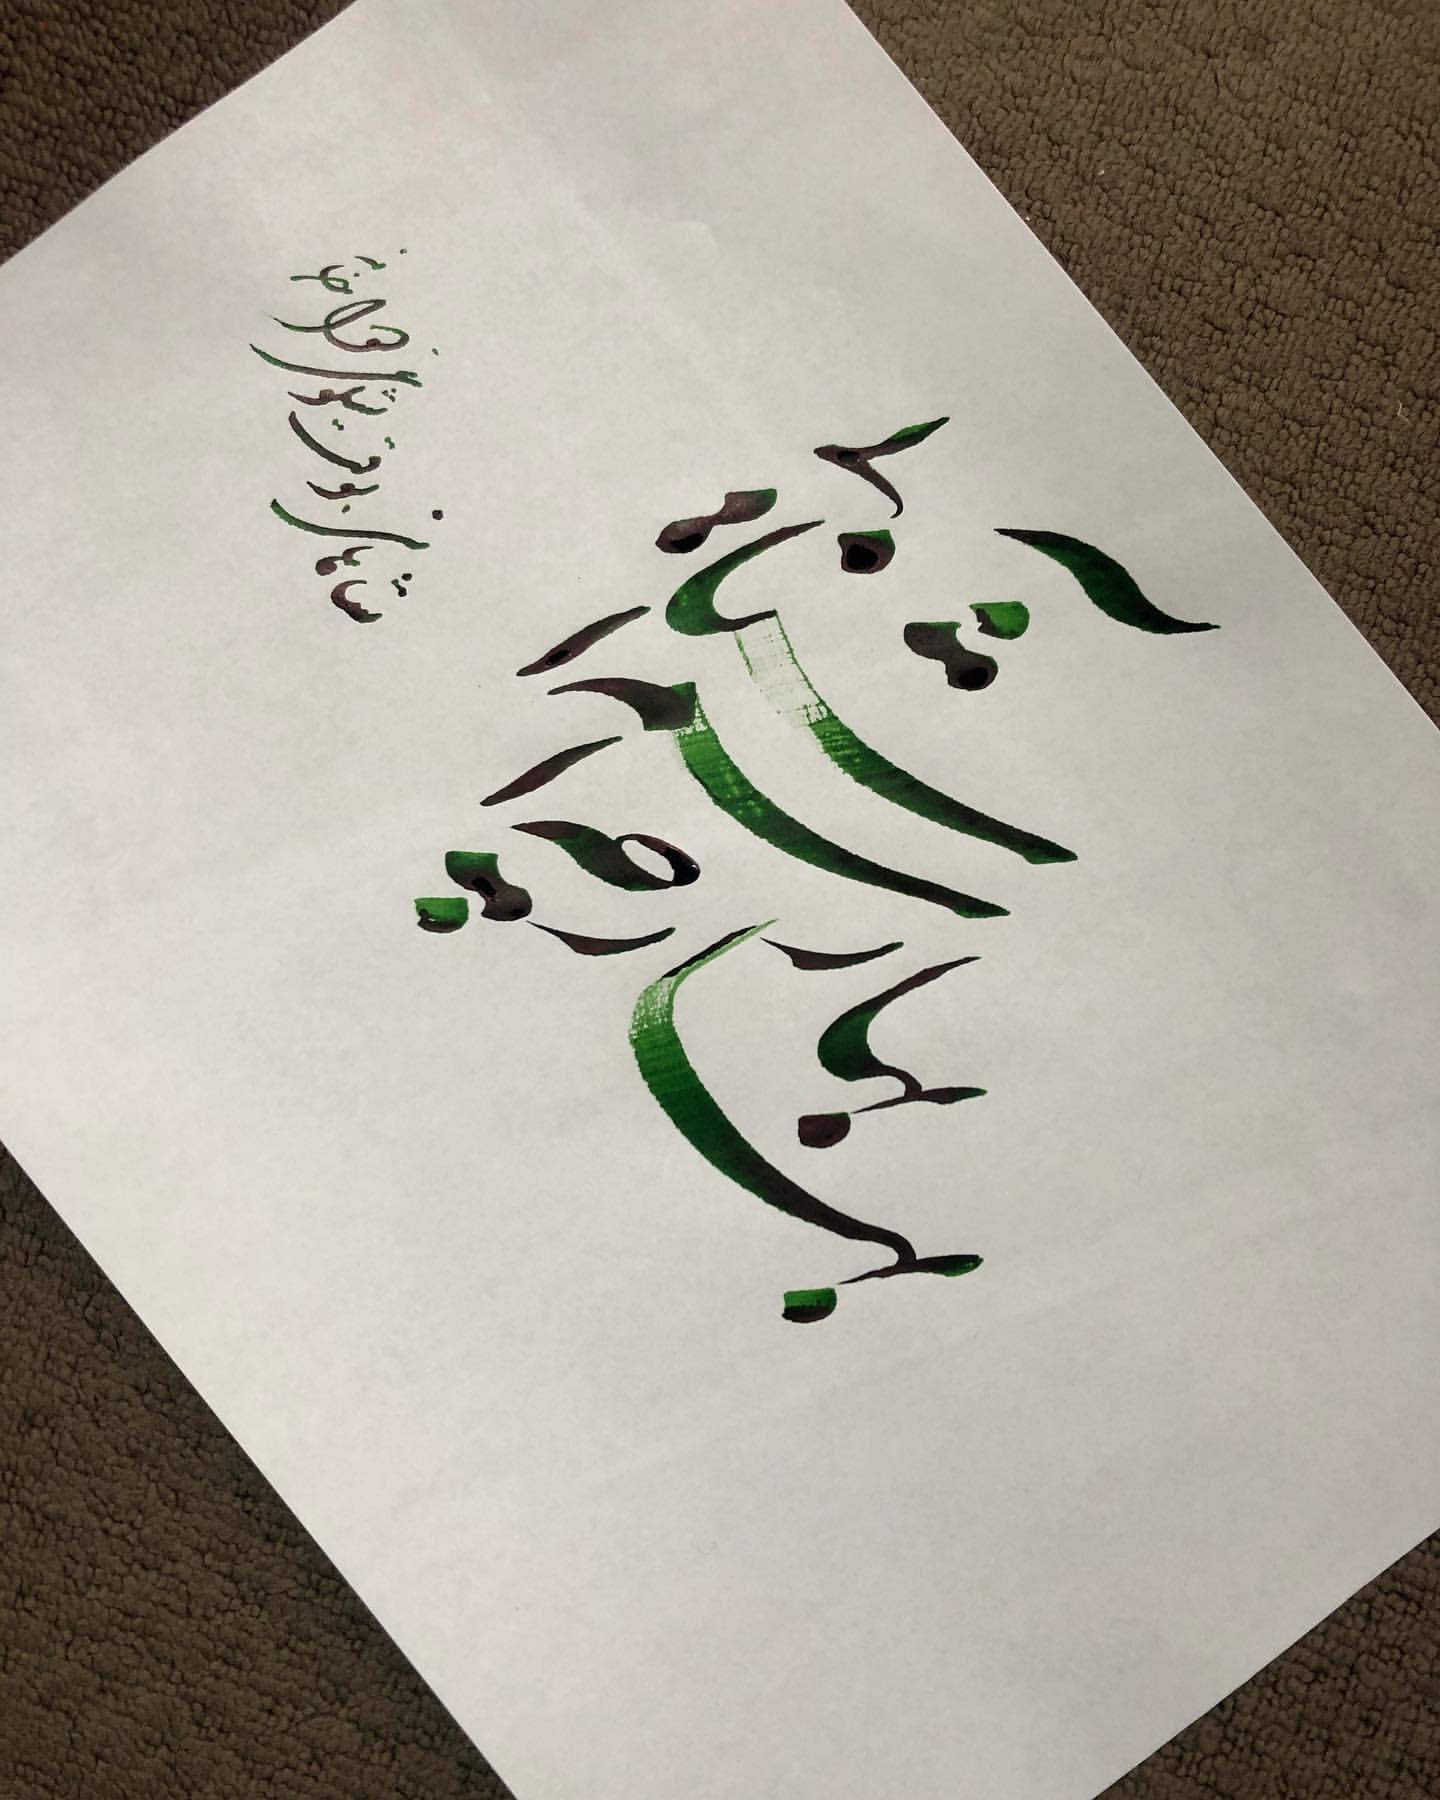 نمایشگاه مجازی ابهر | نمایشگاه خوشنویسی دکتر مسعود شاهانی